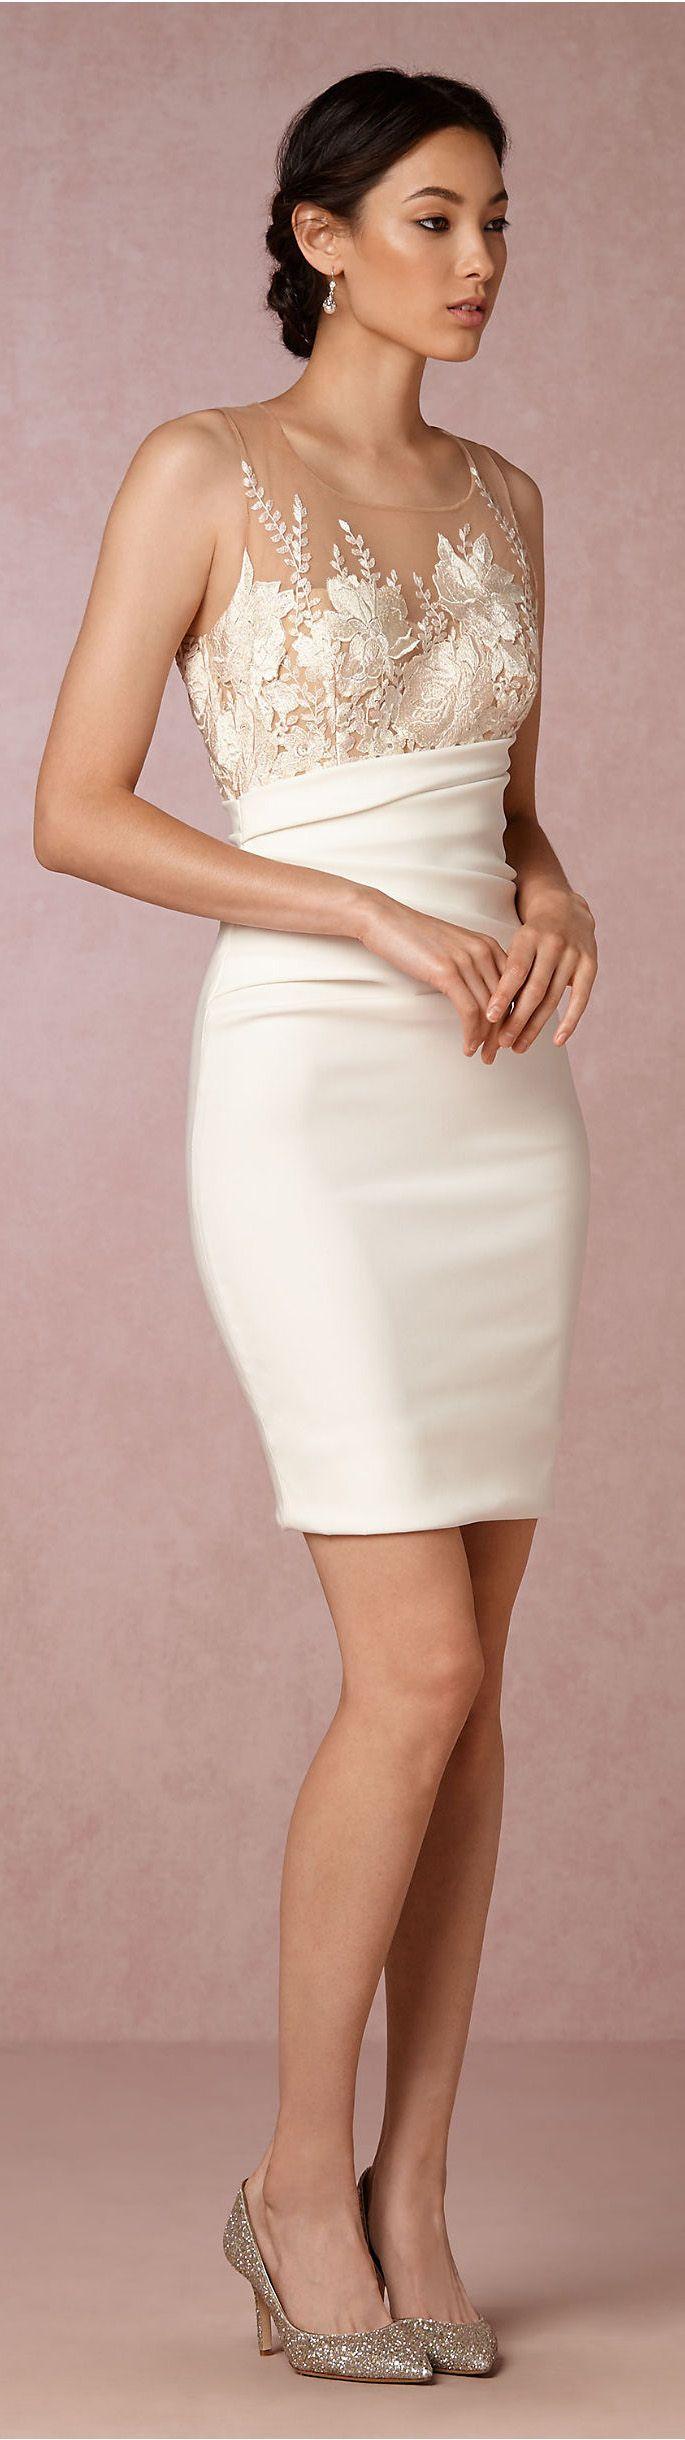 Wedding Dresses & Bridal Gowns | Kurze abendkleider, Abendkleider ...